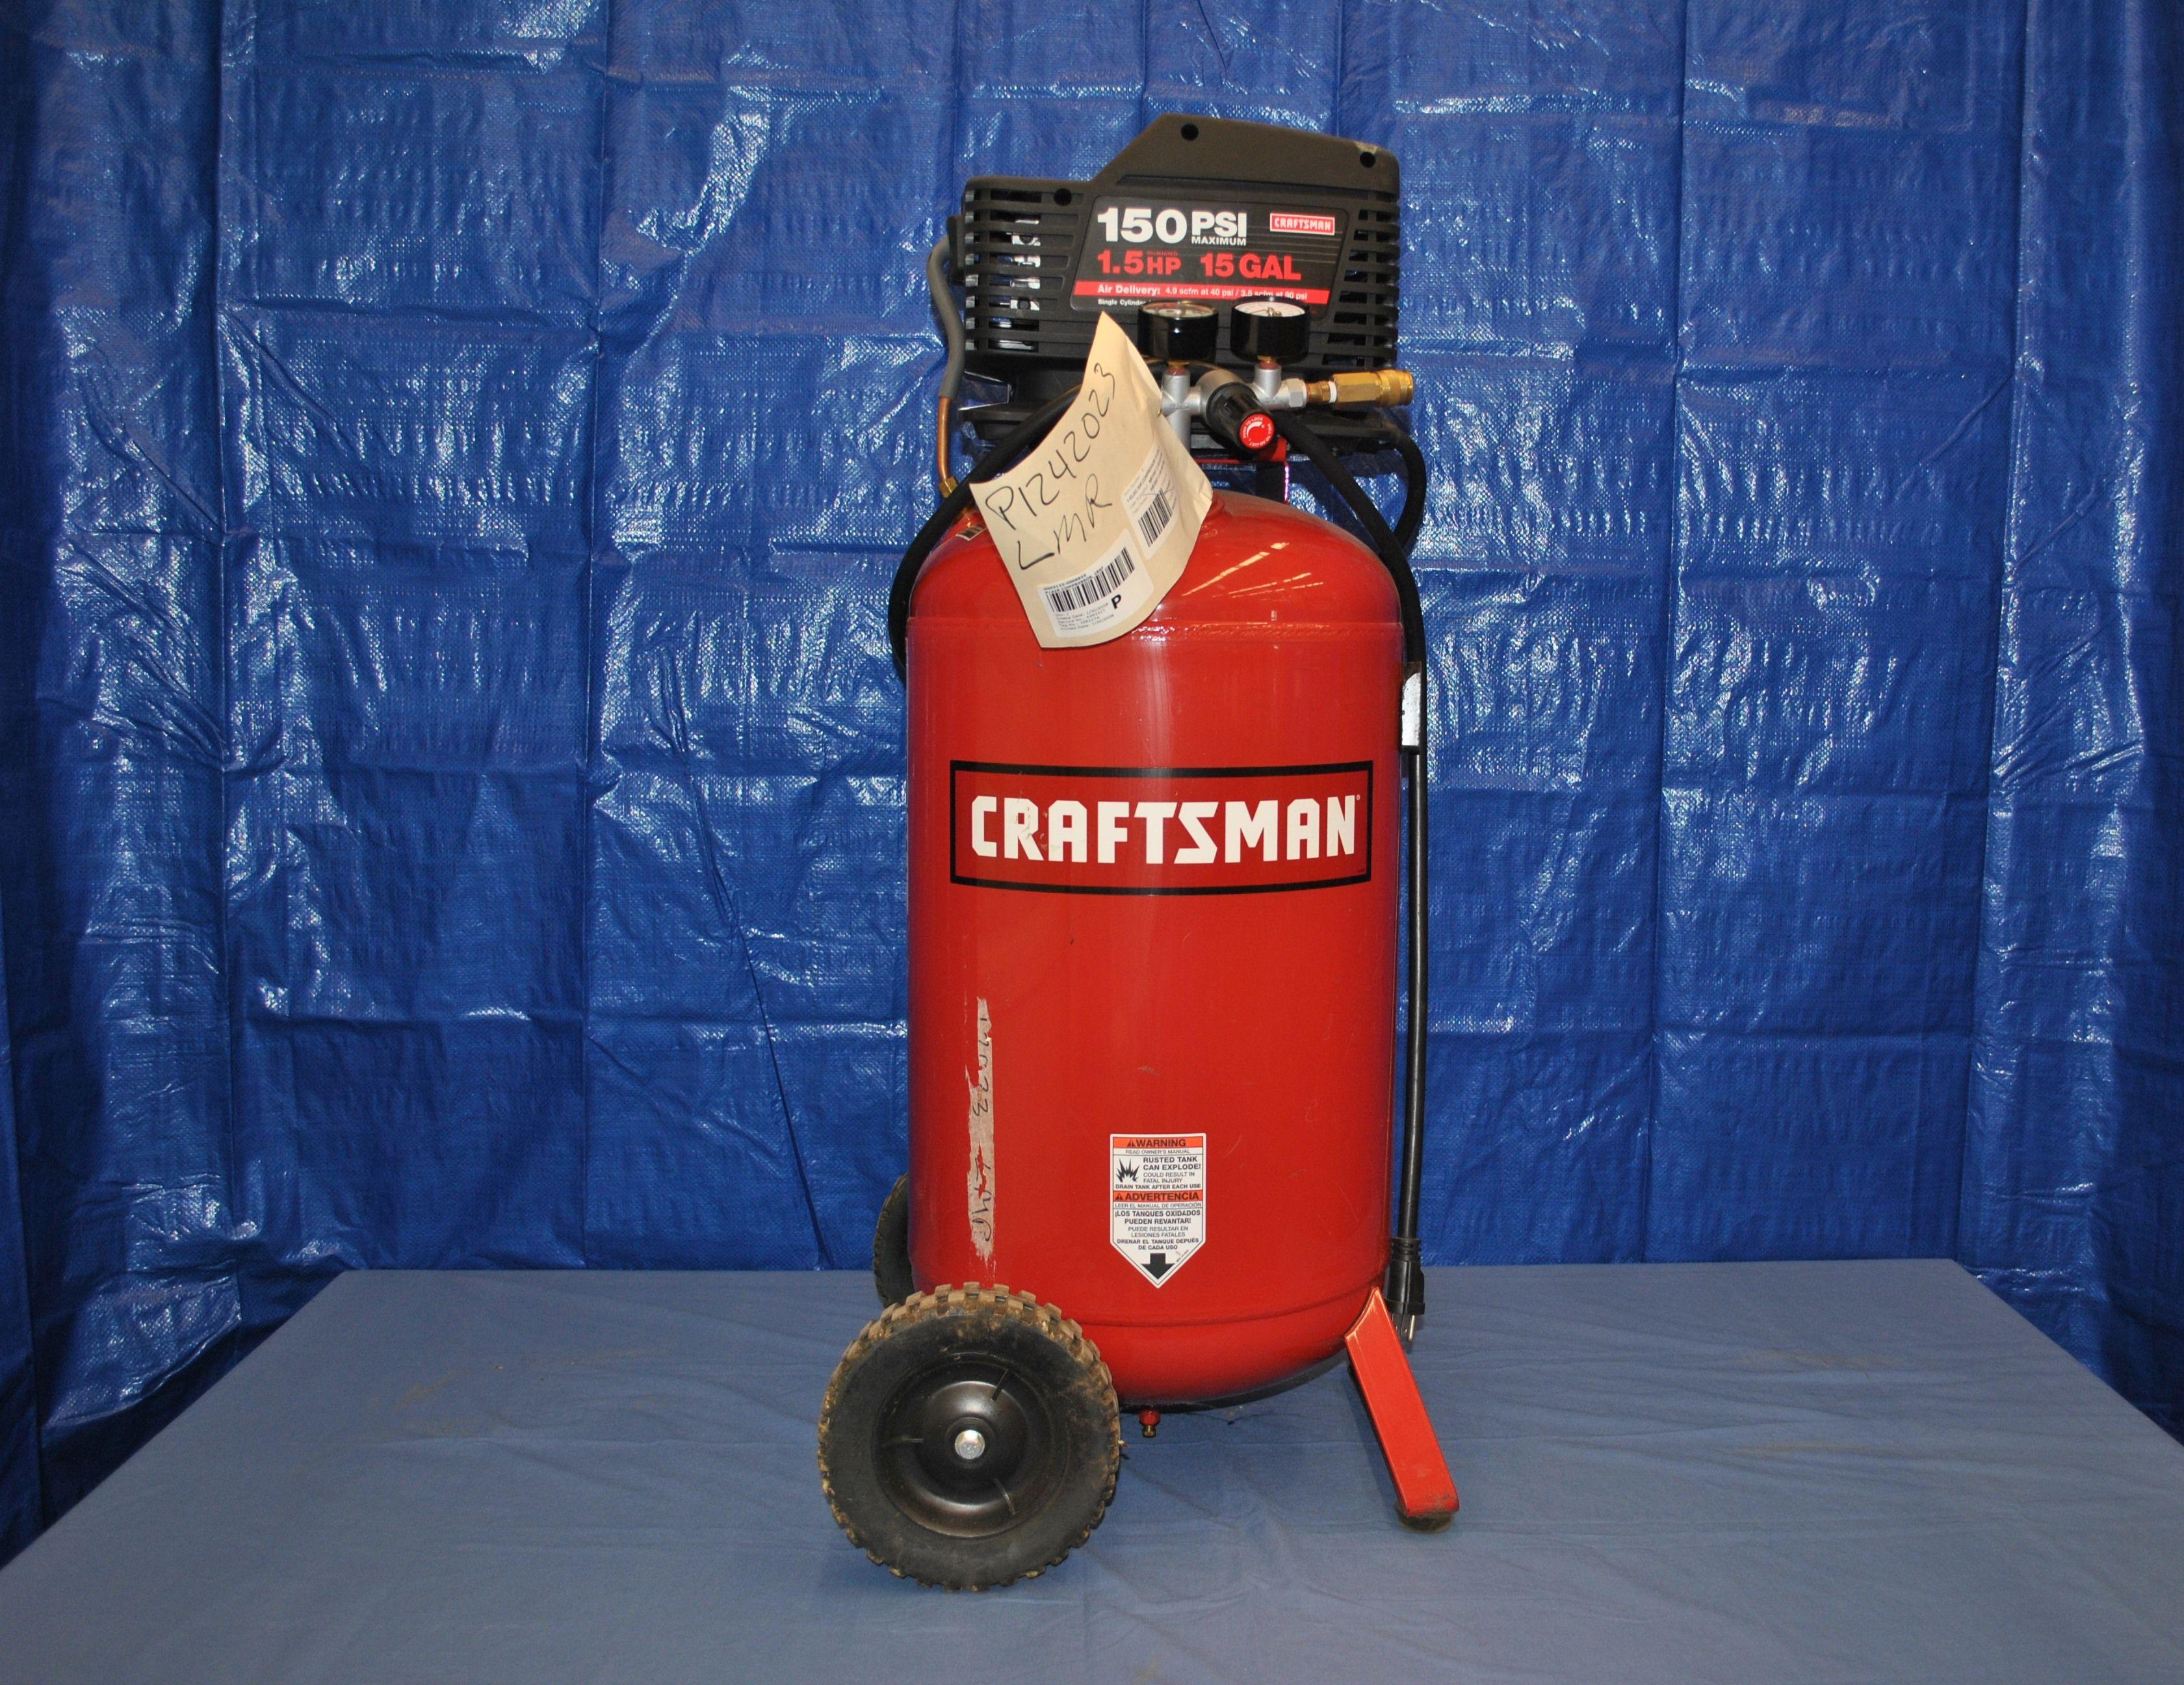 Craftsman Air Compresor Case 649351T (con imágenes